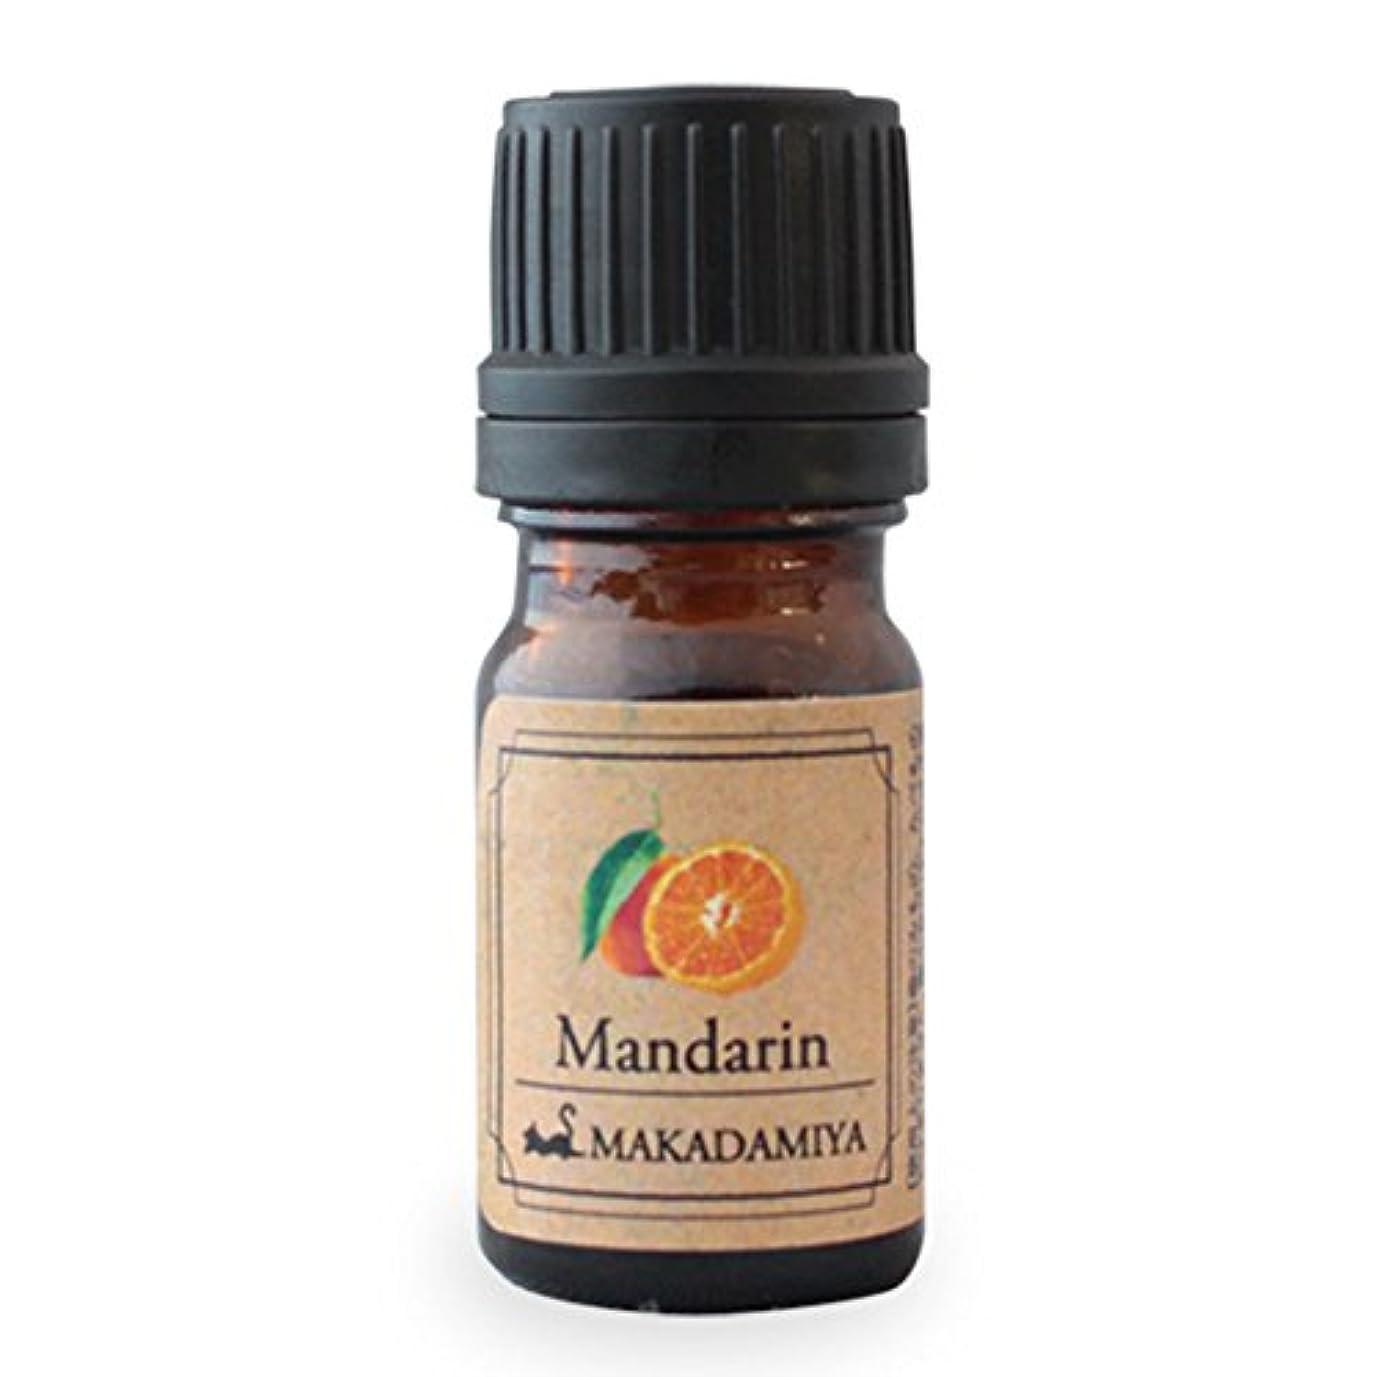 マンダリン5ml 天然100%植物性 エッセンシャルオイル(精油) アロマオイル アロママッサージ aroma Mandarin